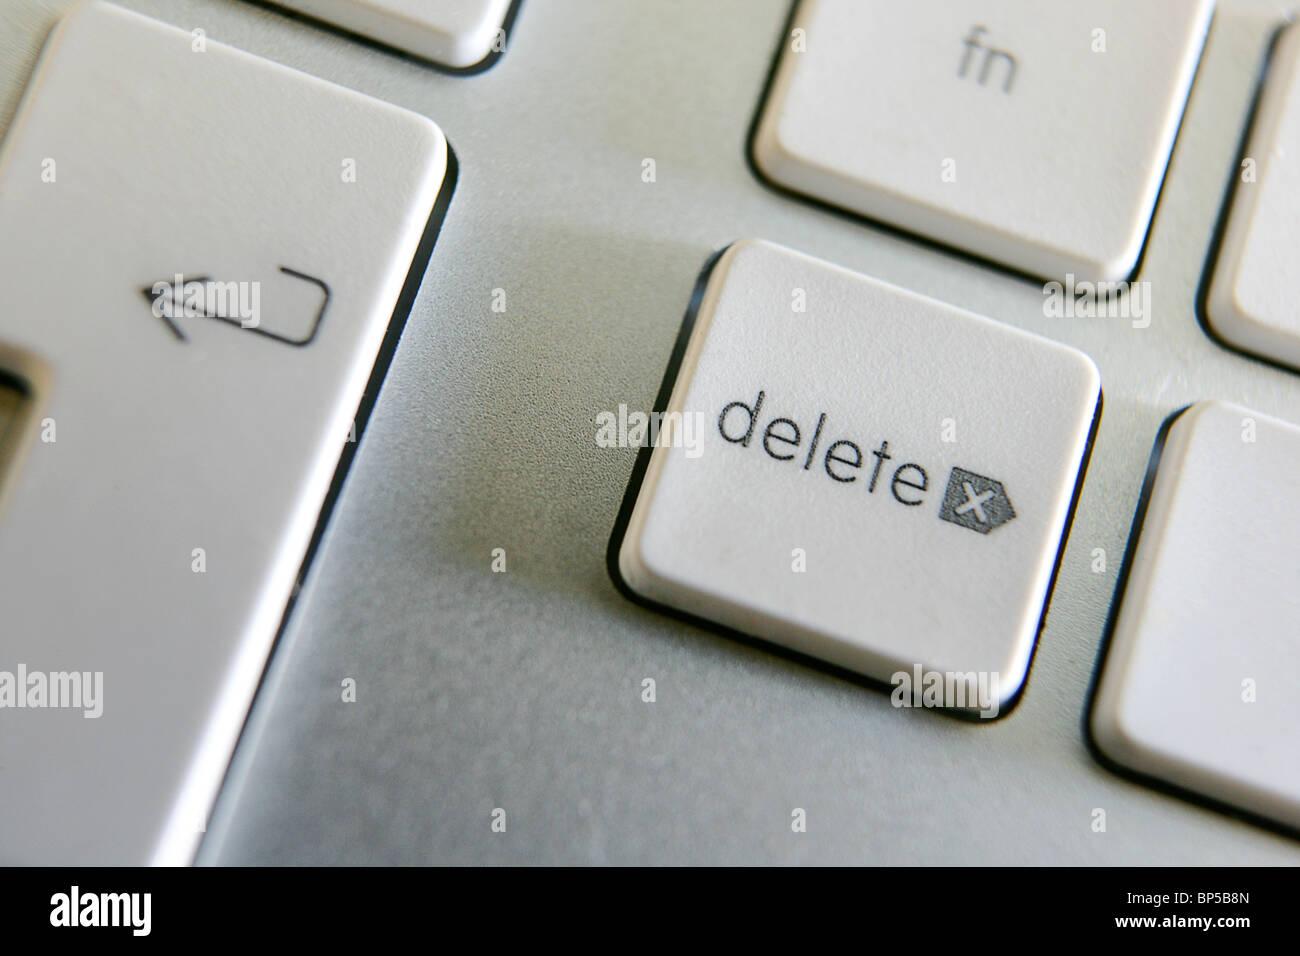 So finden Sie die Home-Taste auf Ihrer Tastatur